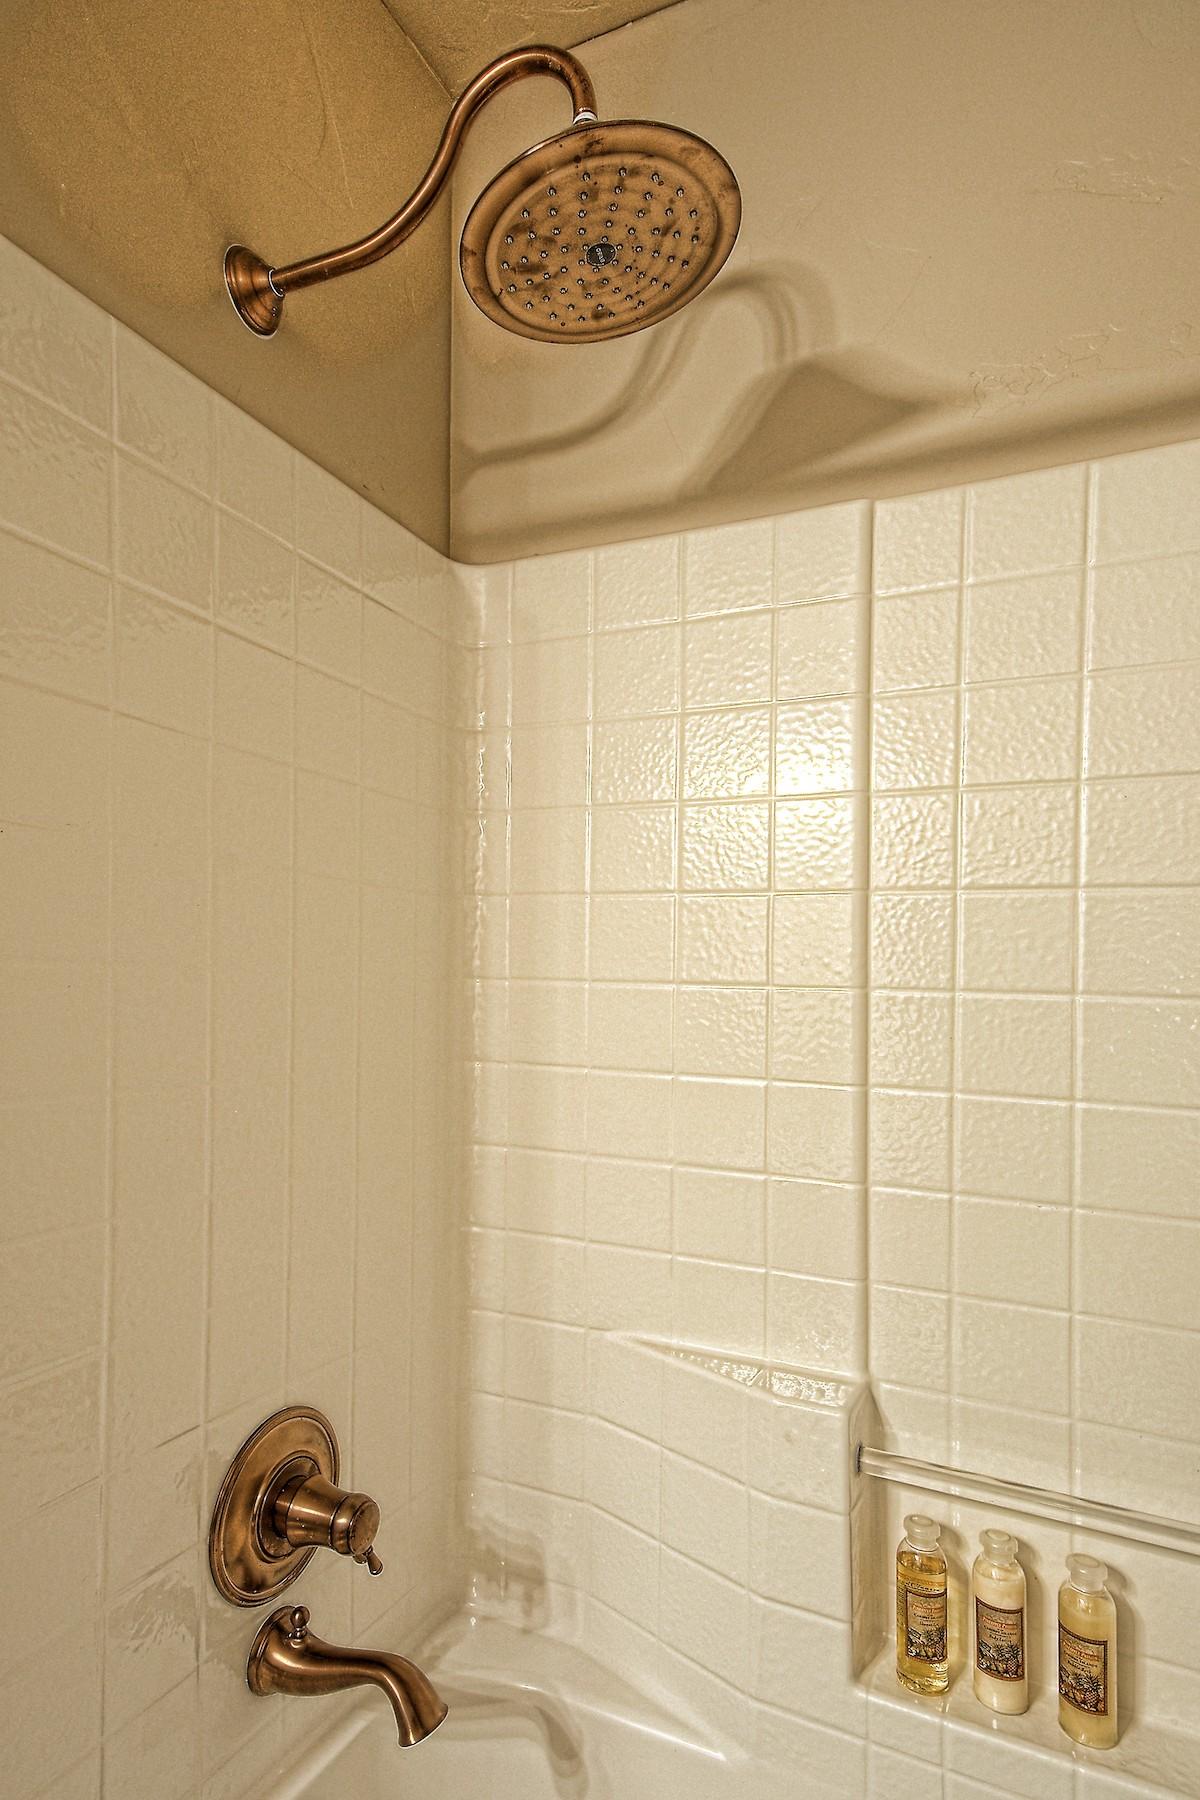 Flynner-Homes-StJude-Residential-Remodel-00030.jpg